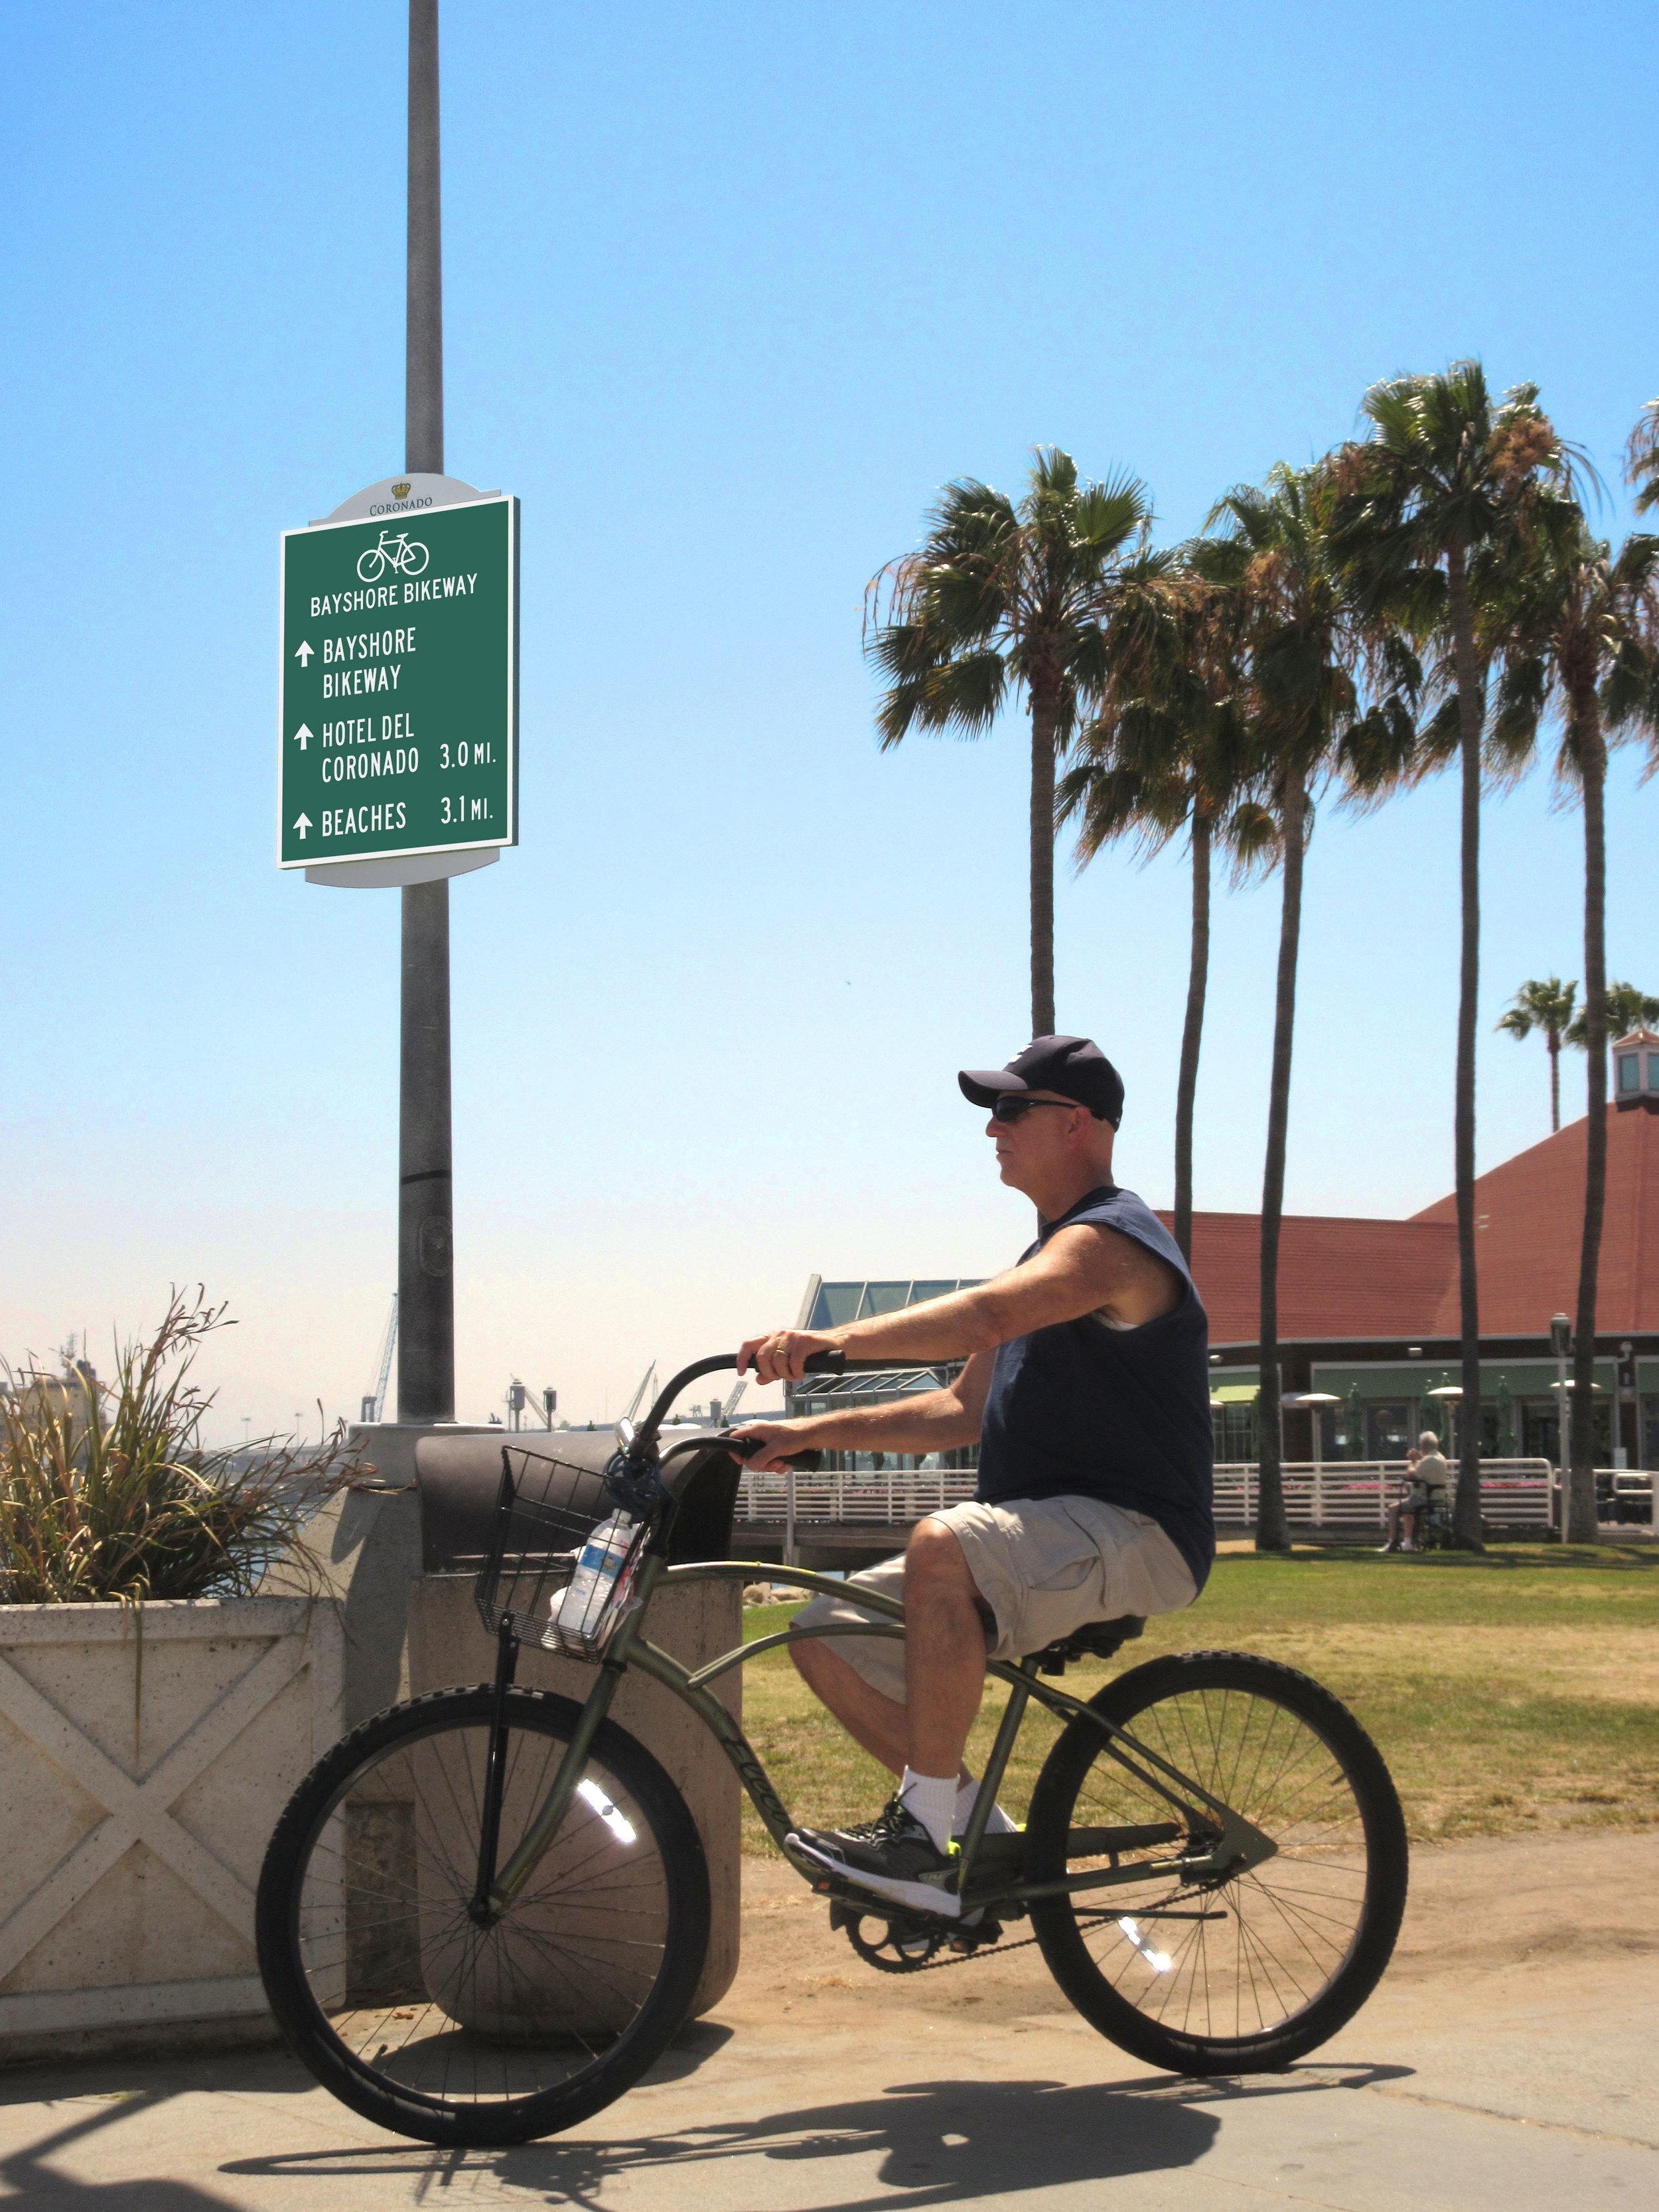 CORON_bikeway.jpg